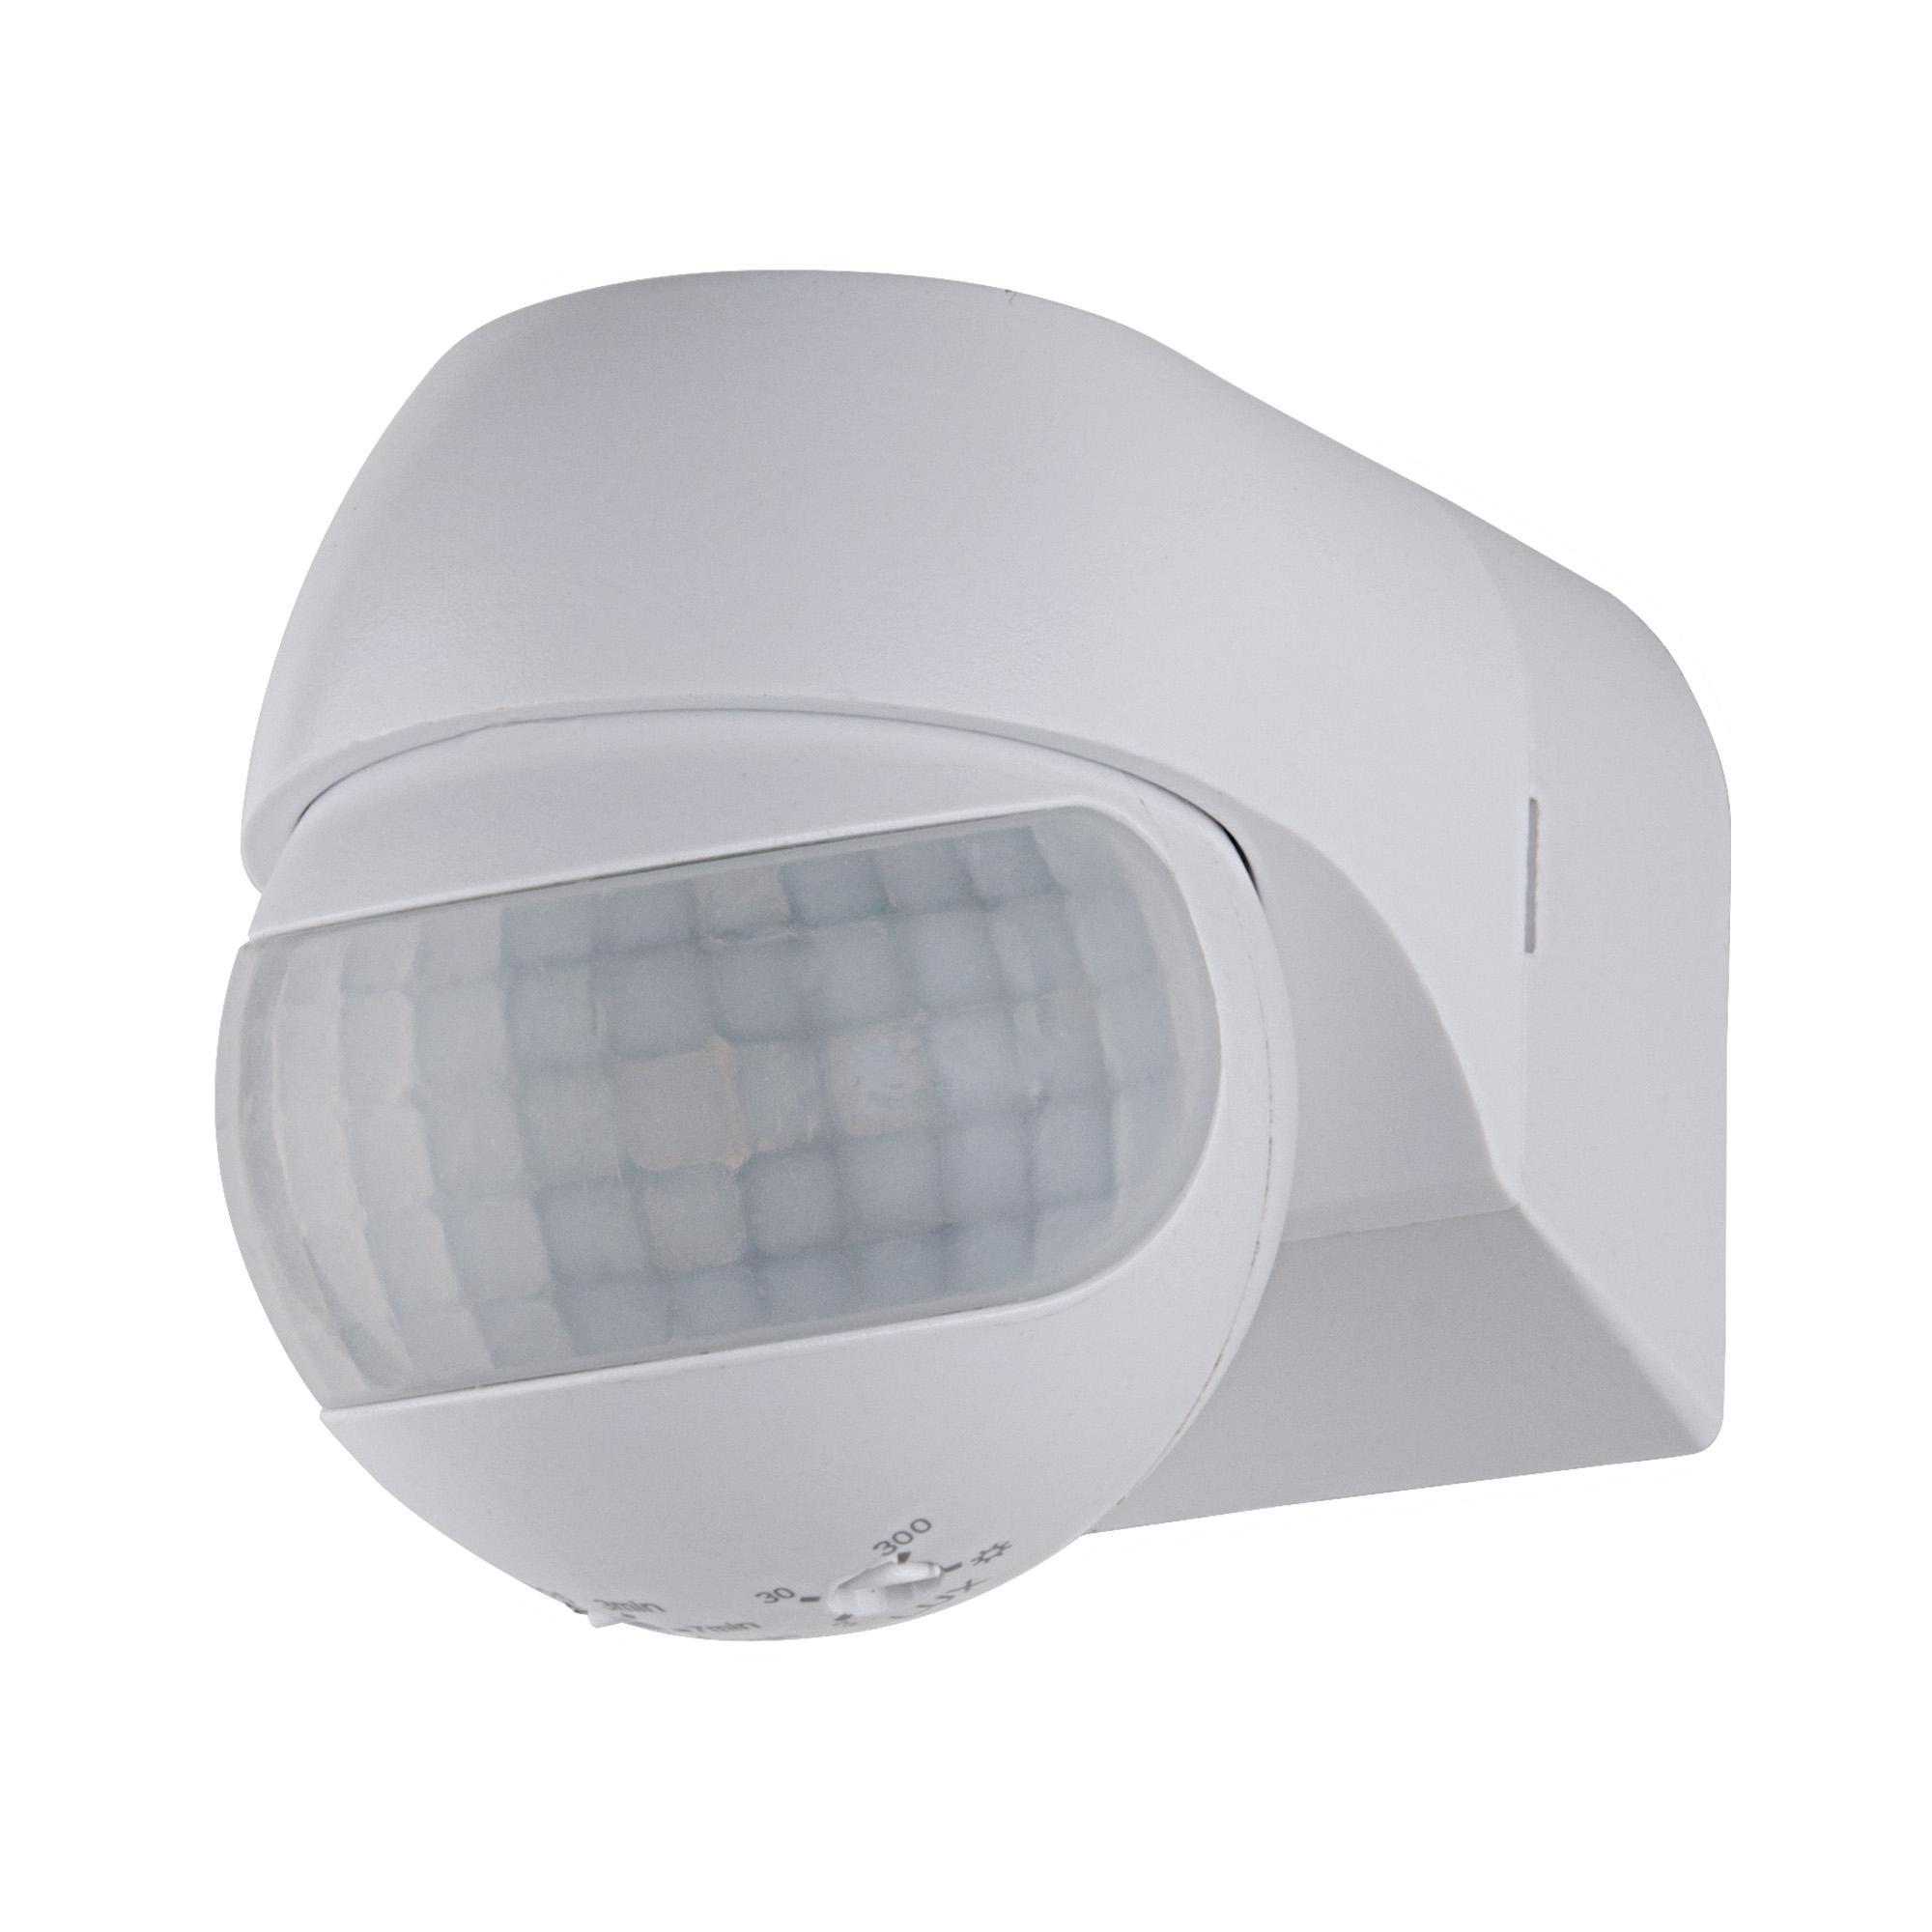 SNS-M-10 12m 1,8-2,5m 800W IP54 180 Белый